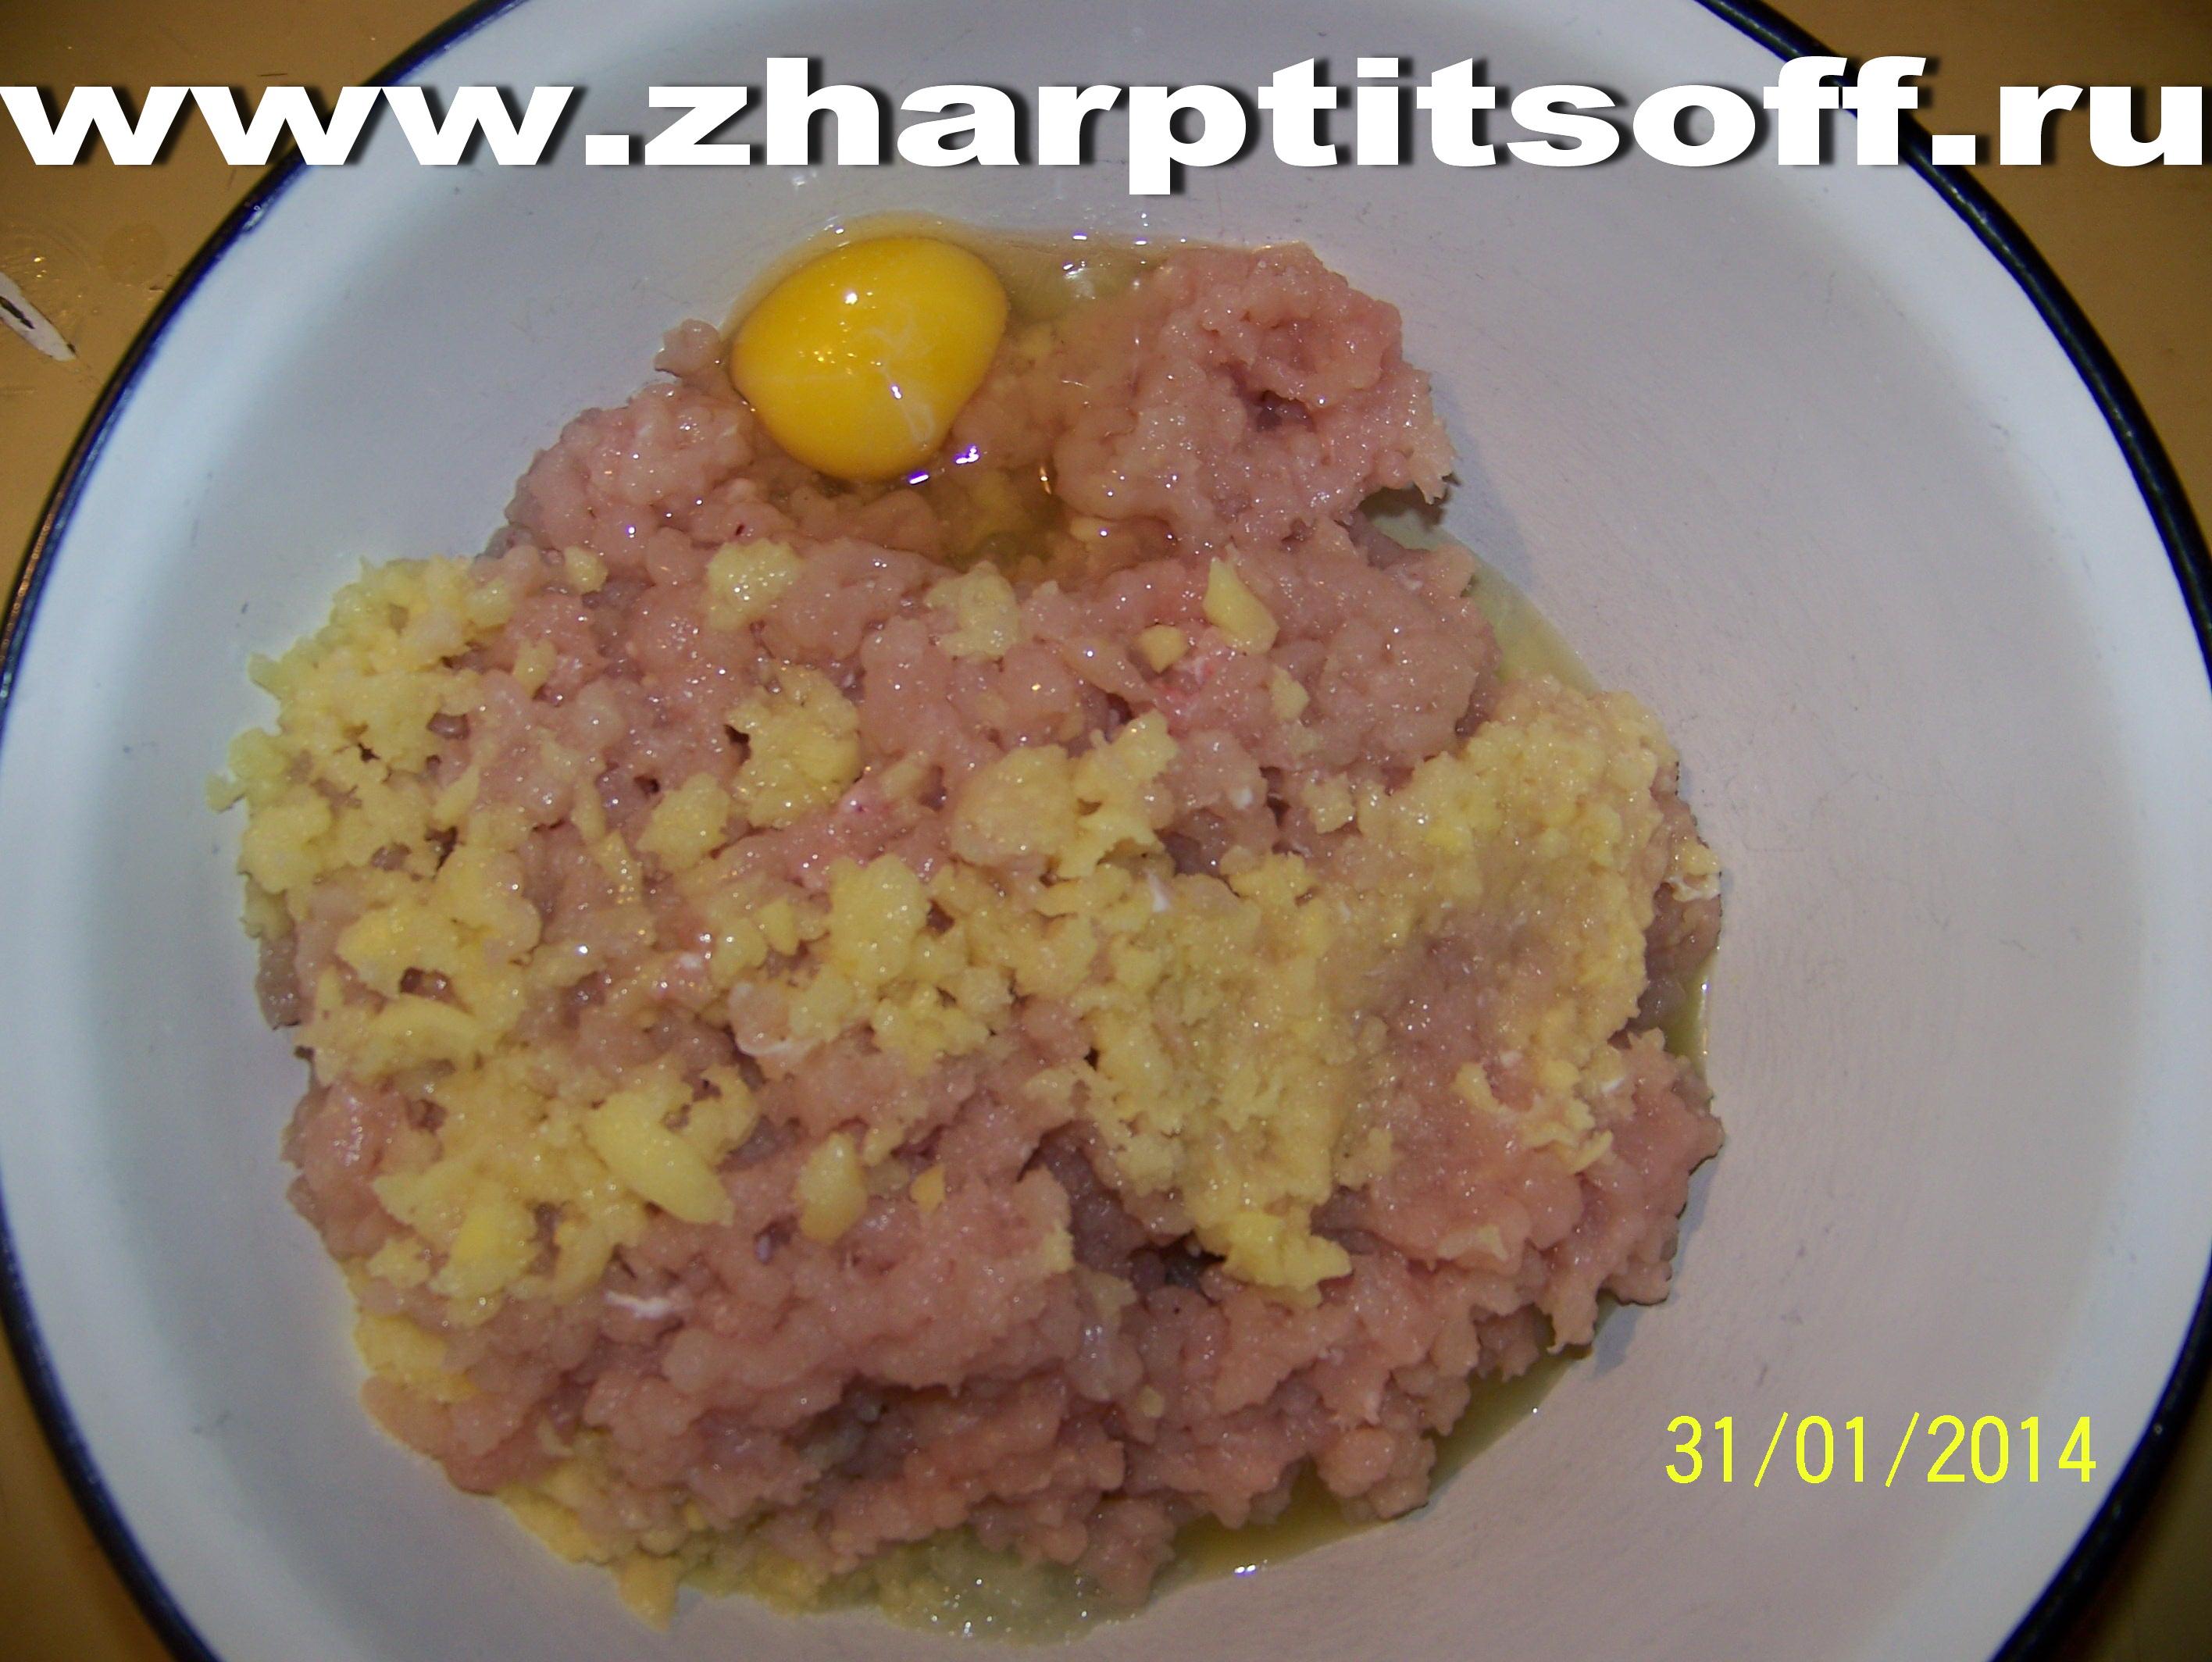 котлеты из филе индейки рецепт с фото пошагово